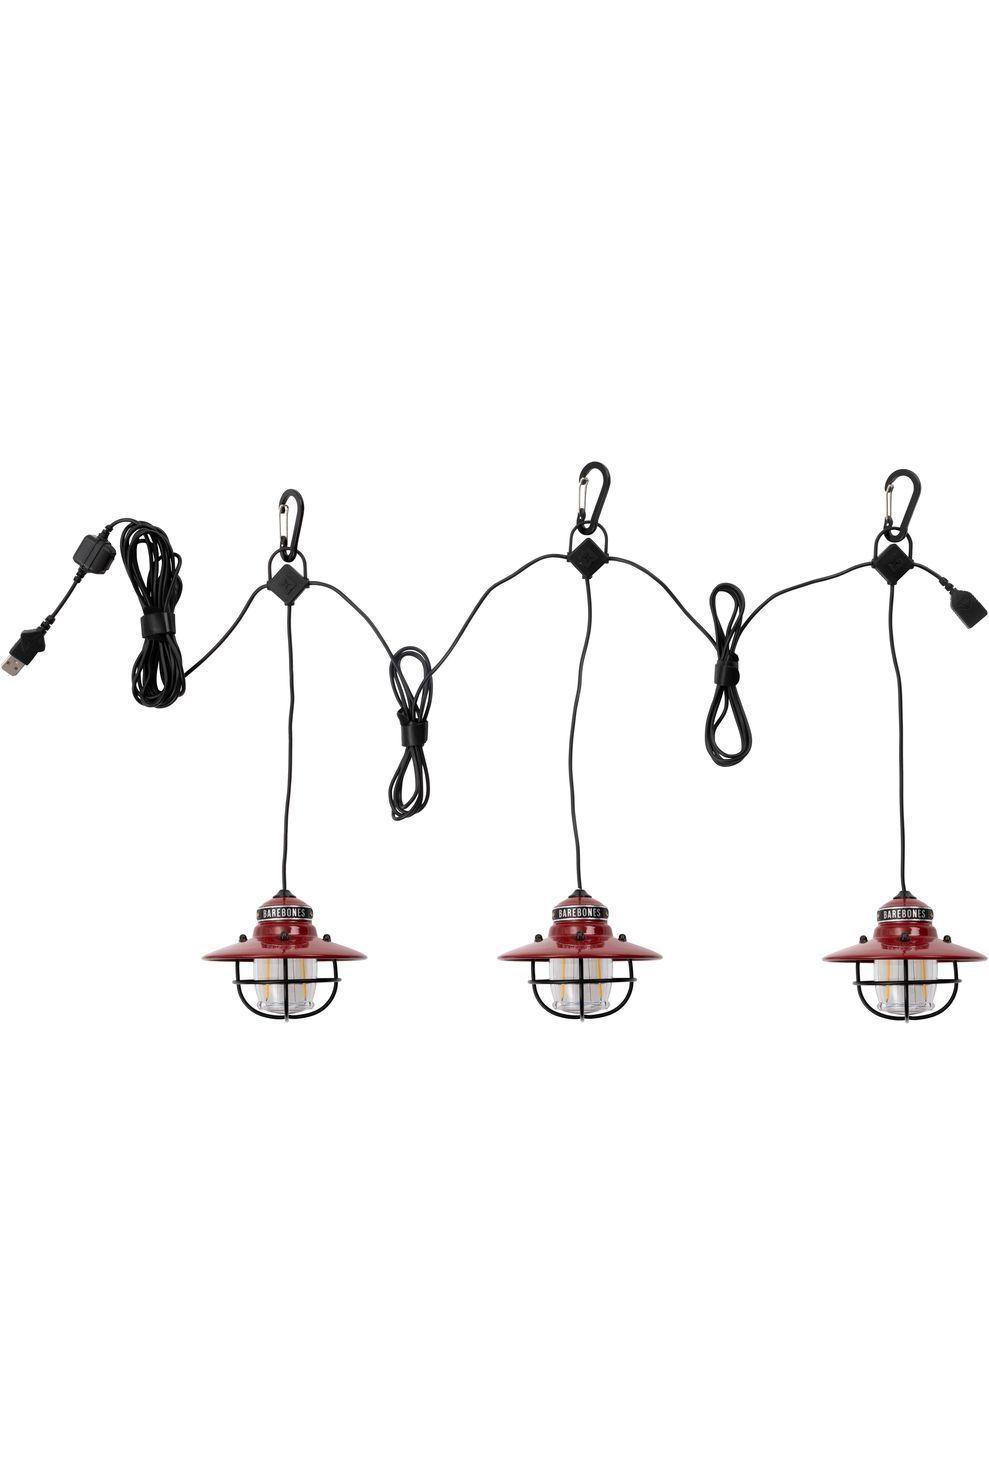 Barebones Living Verlichting Edison String Lights 3 Pack - Rood